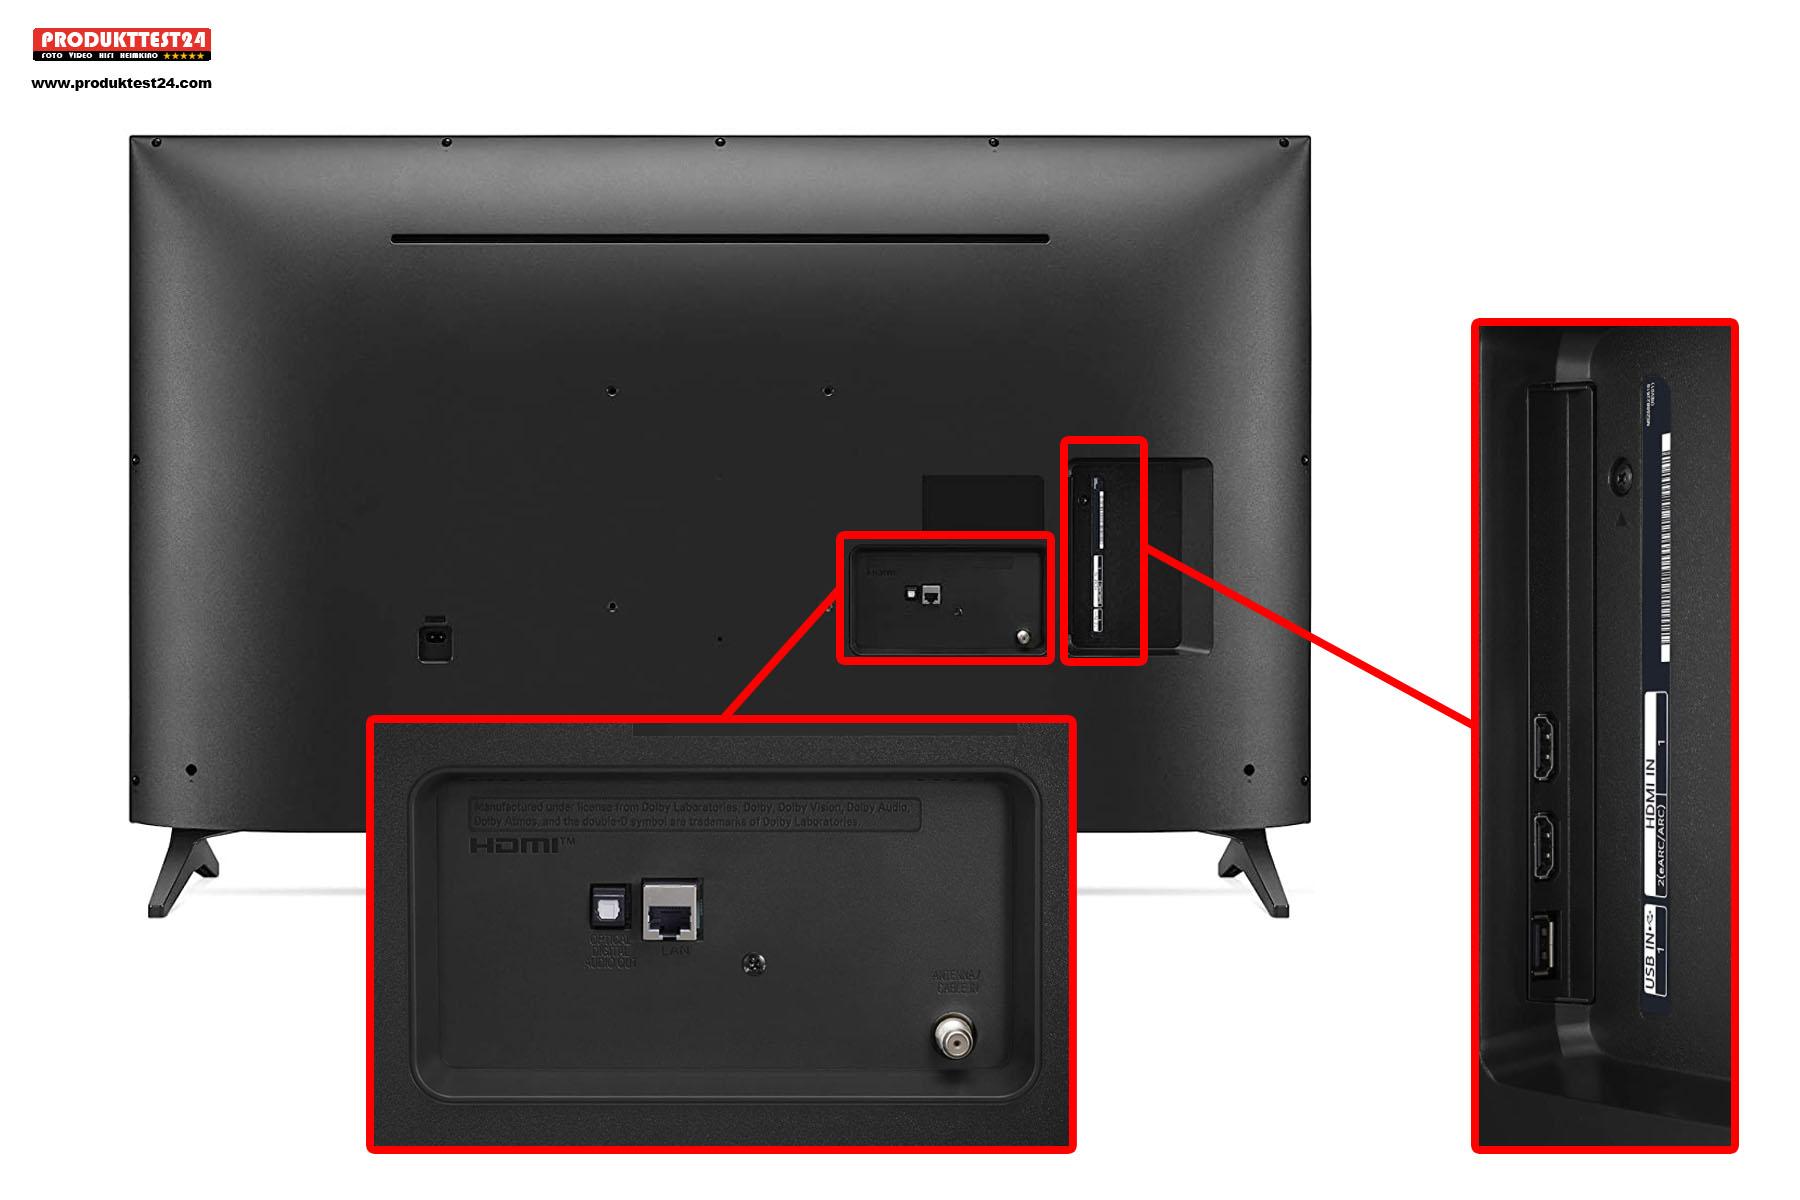 Der LG 43UP75009LF besitzt nur wenig Anschlussmöglichkeiten